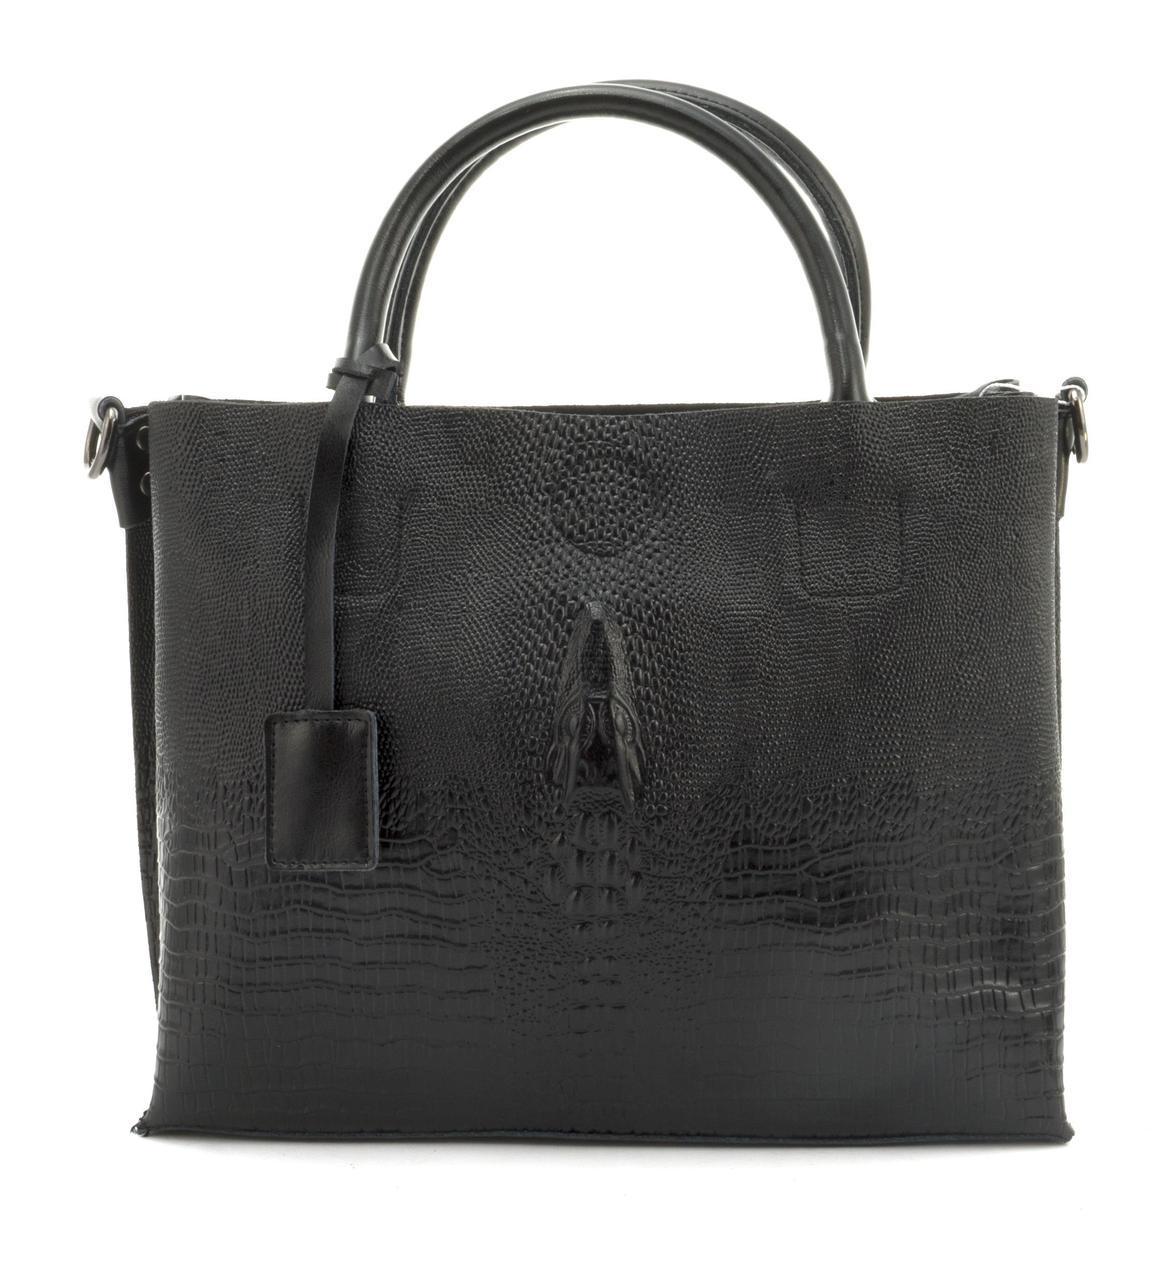 Оригинальная вместительная кожана прочная женская сумка с тиснением под рептилию CELINE art. 205 черная